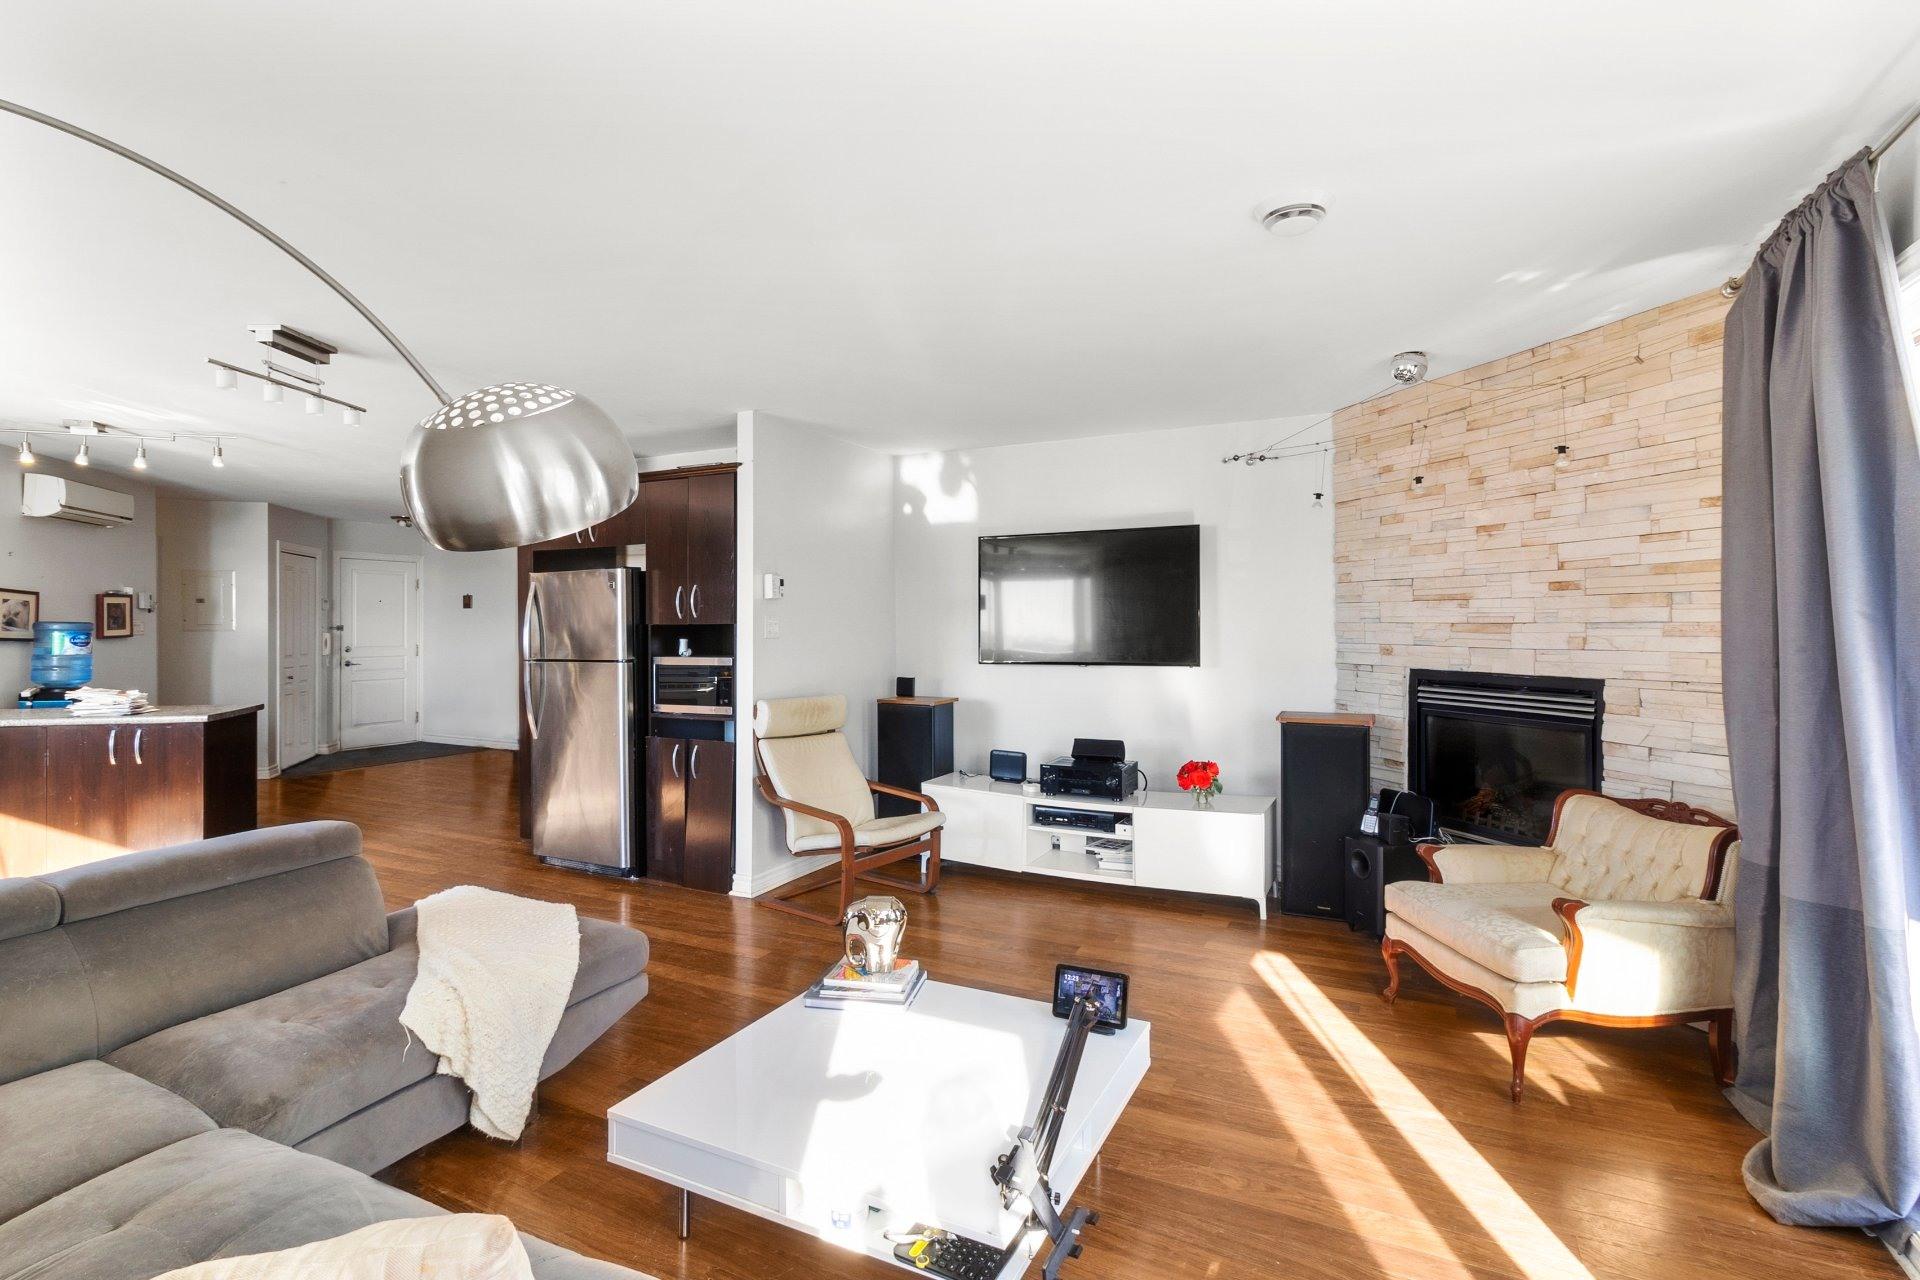 image 10 - Appartement À vendre Brossard - 6 pièces